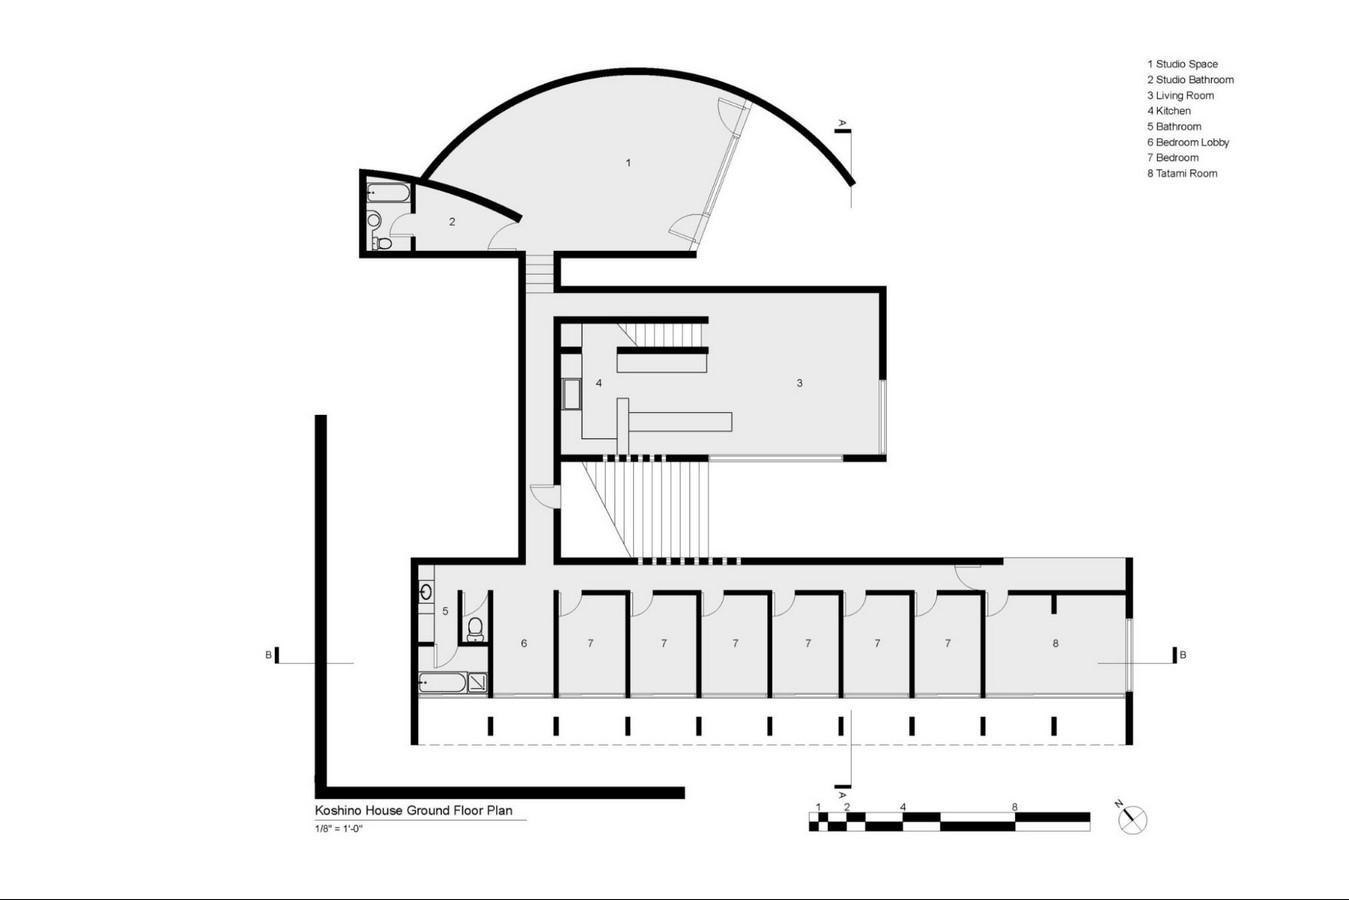 Koshino House by Tadao Ando: The play of Light Sheet11